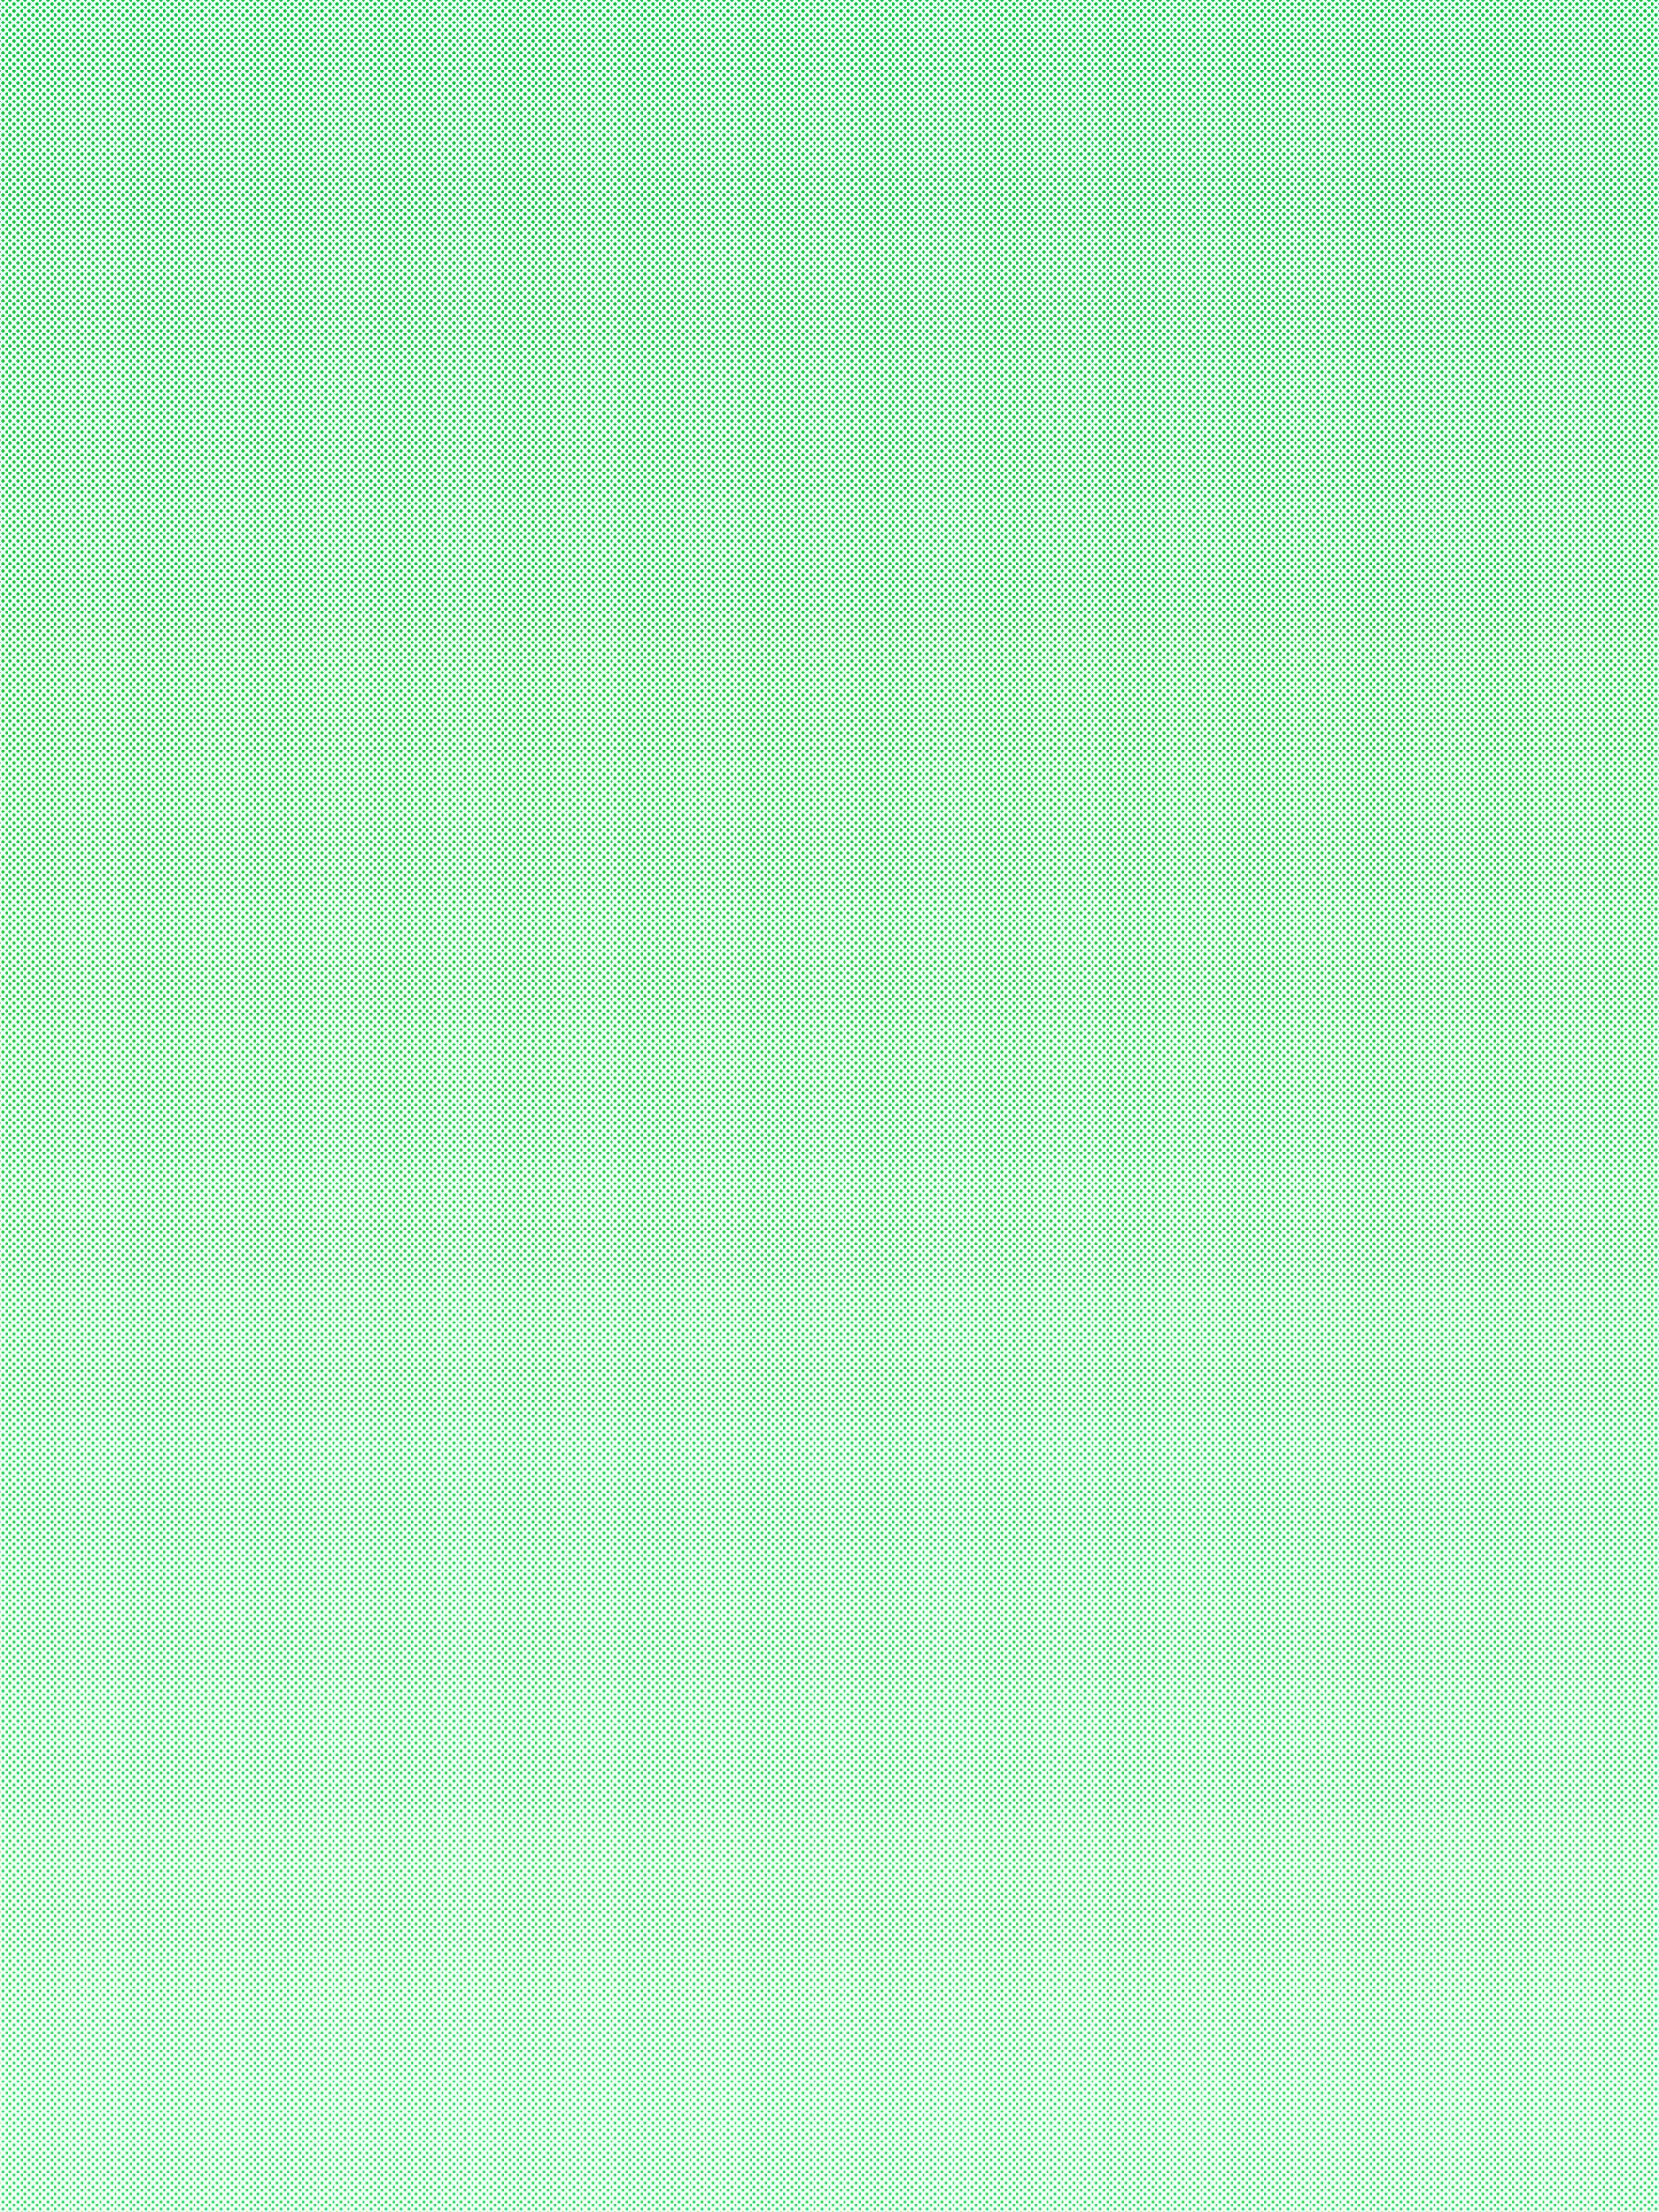 全iphone Ipad対応ドット壁紙 トーン グリーントーン Green Tone Wallpaper For Iphone Ipad Android